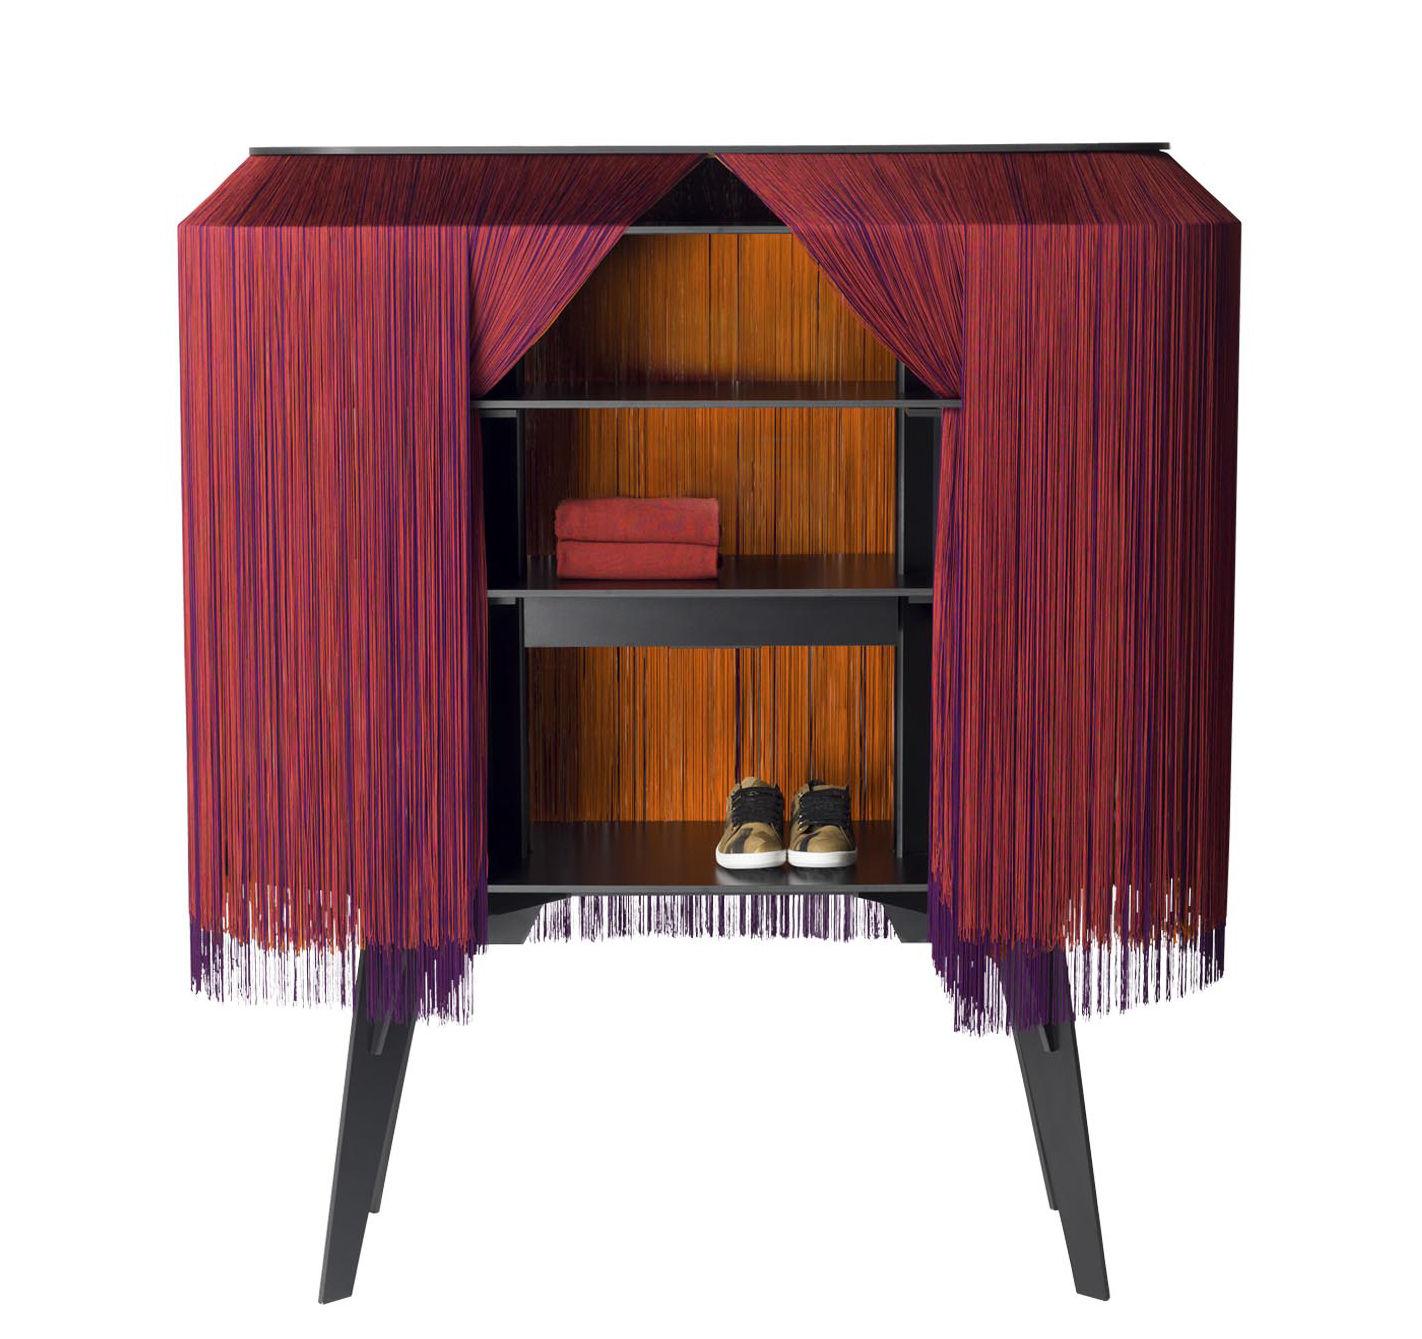 Mobilier - Compléments d'ameublement - Bar Alpaga / Buffet - L 140 x H 150 cm - Edition limitée numérotée - Ibride - Flamboyant  / Rouge - Stratifié massif, Viscose